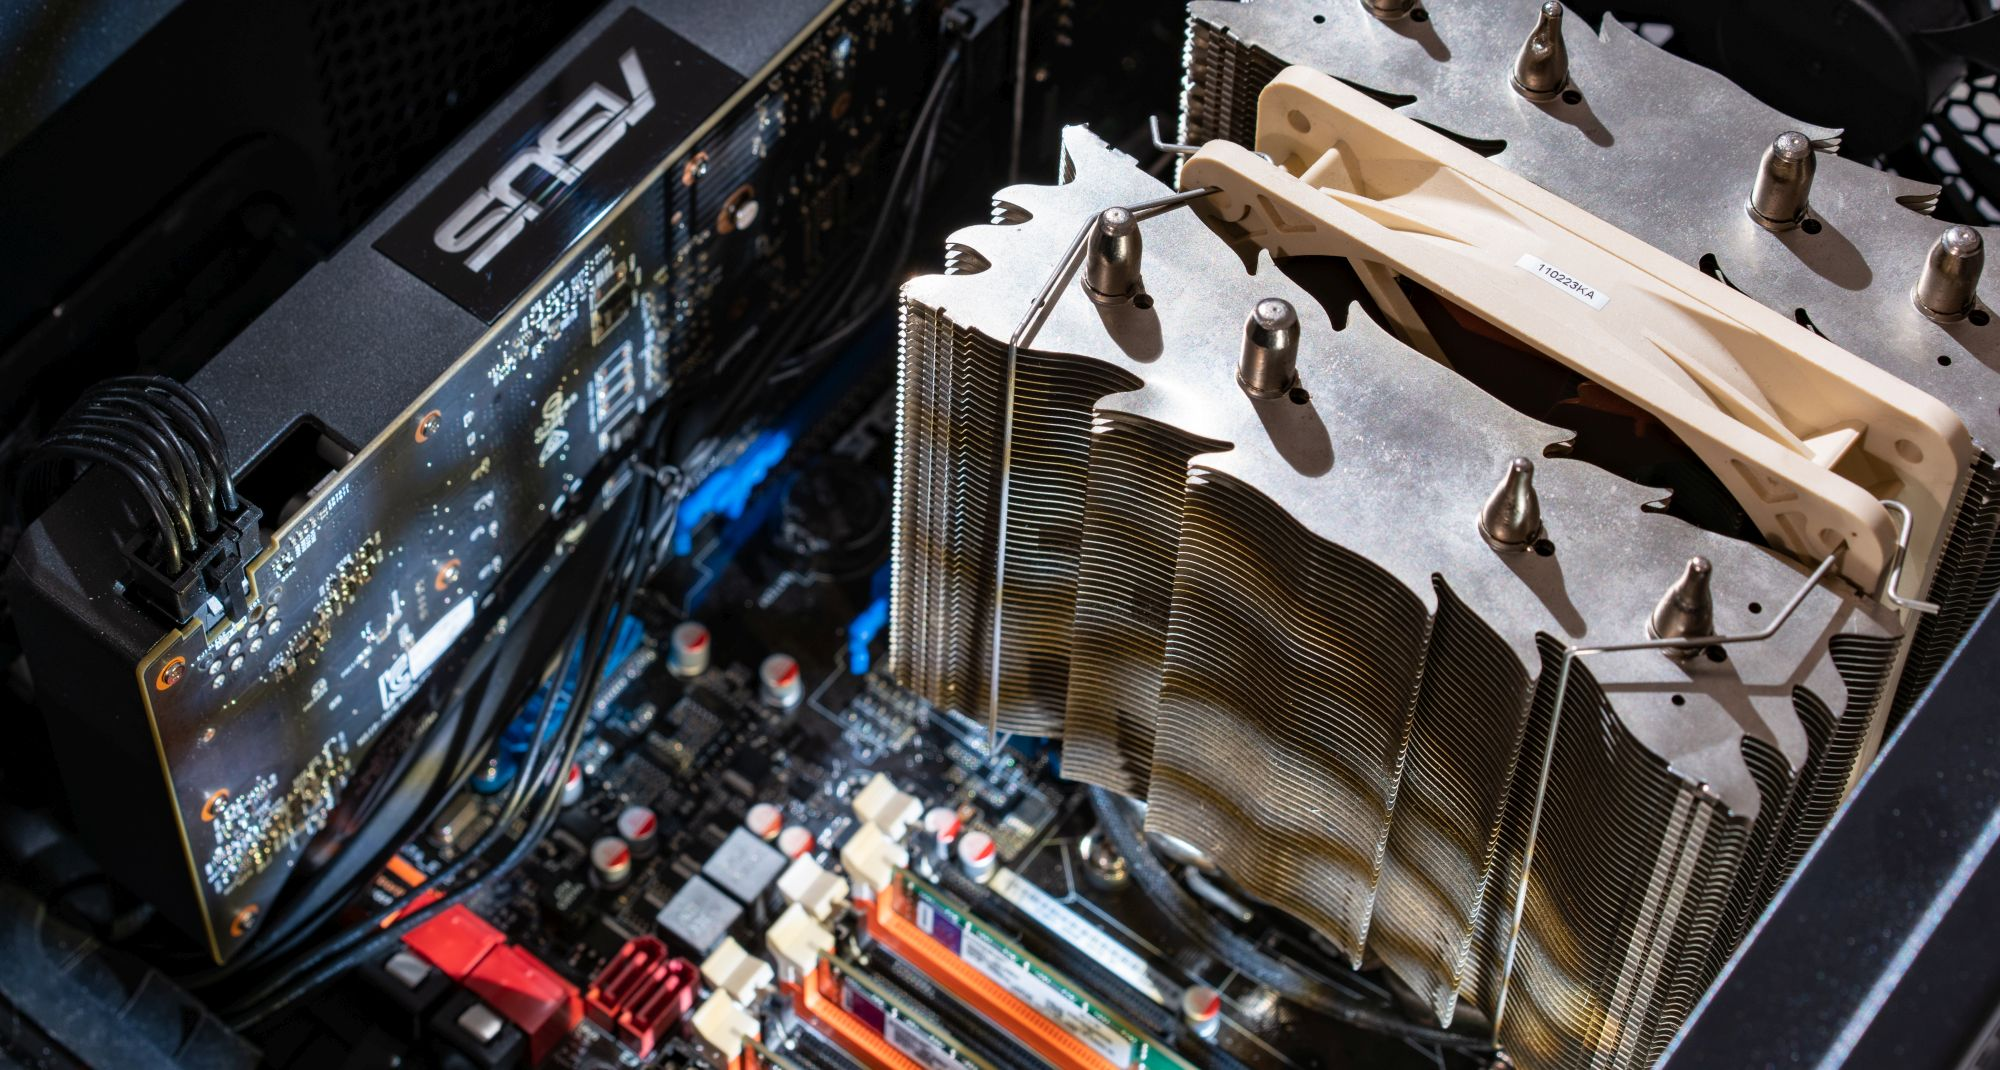 Древности: современный компьютер из старых запчастей - 15